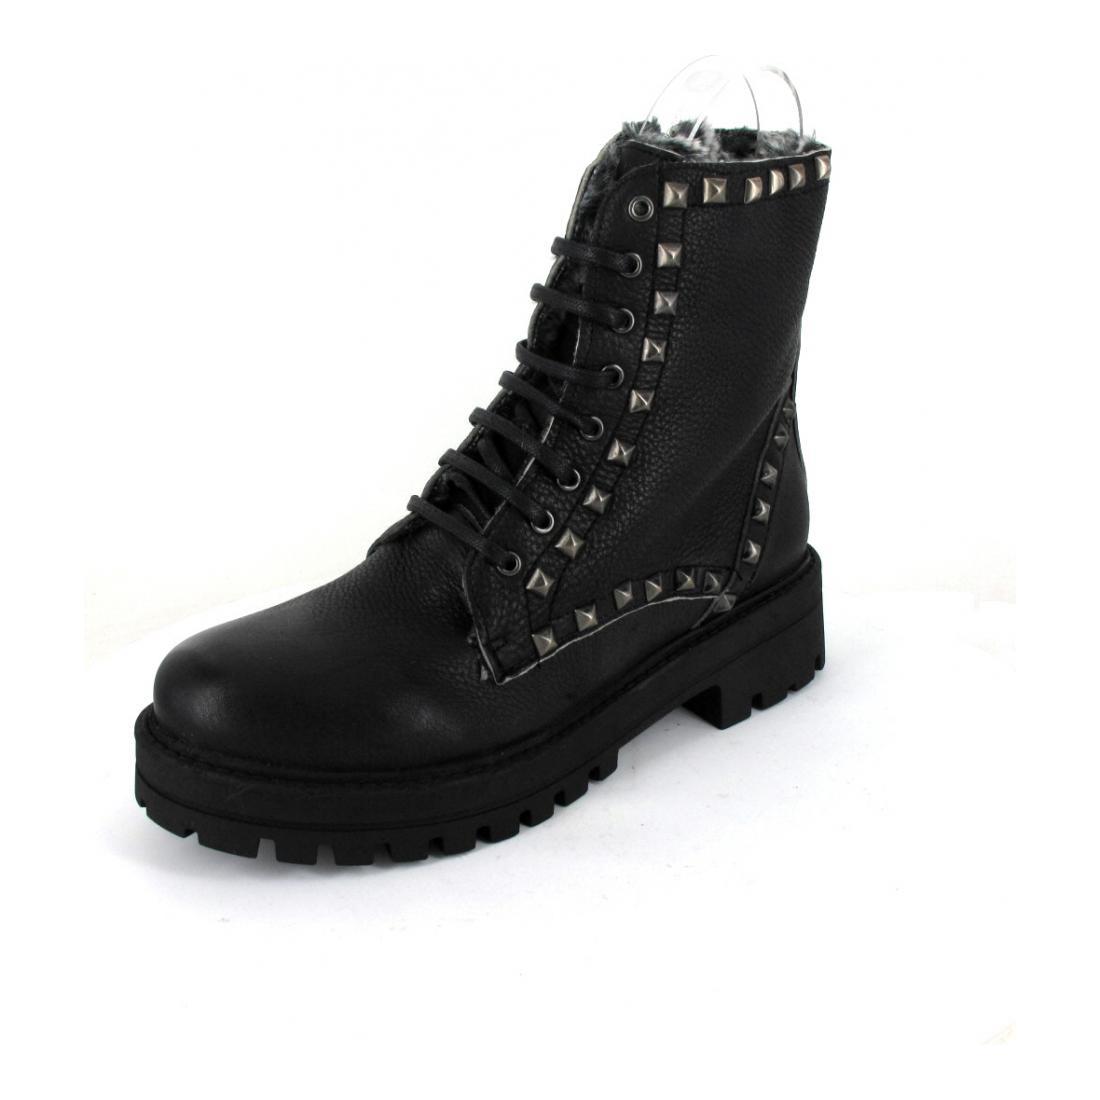 Humat Boots Zorro